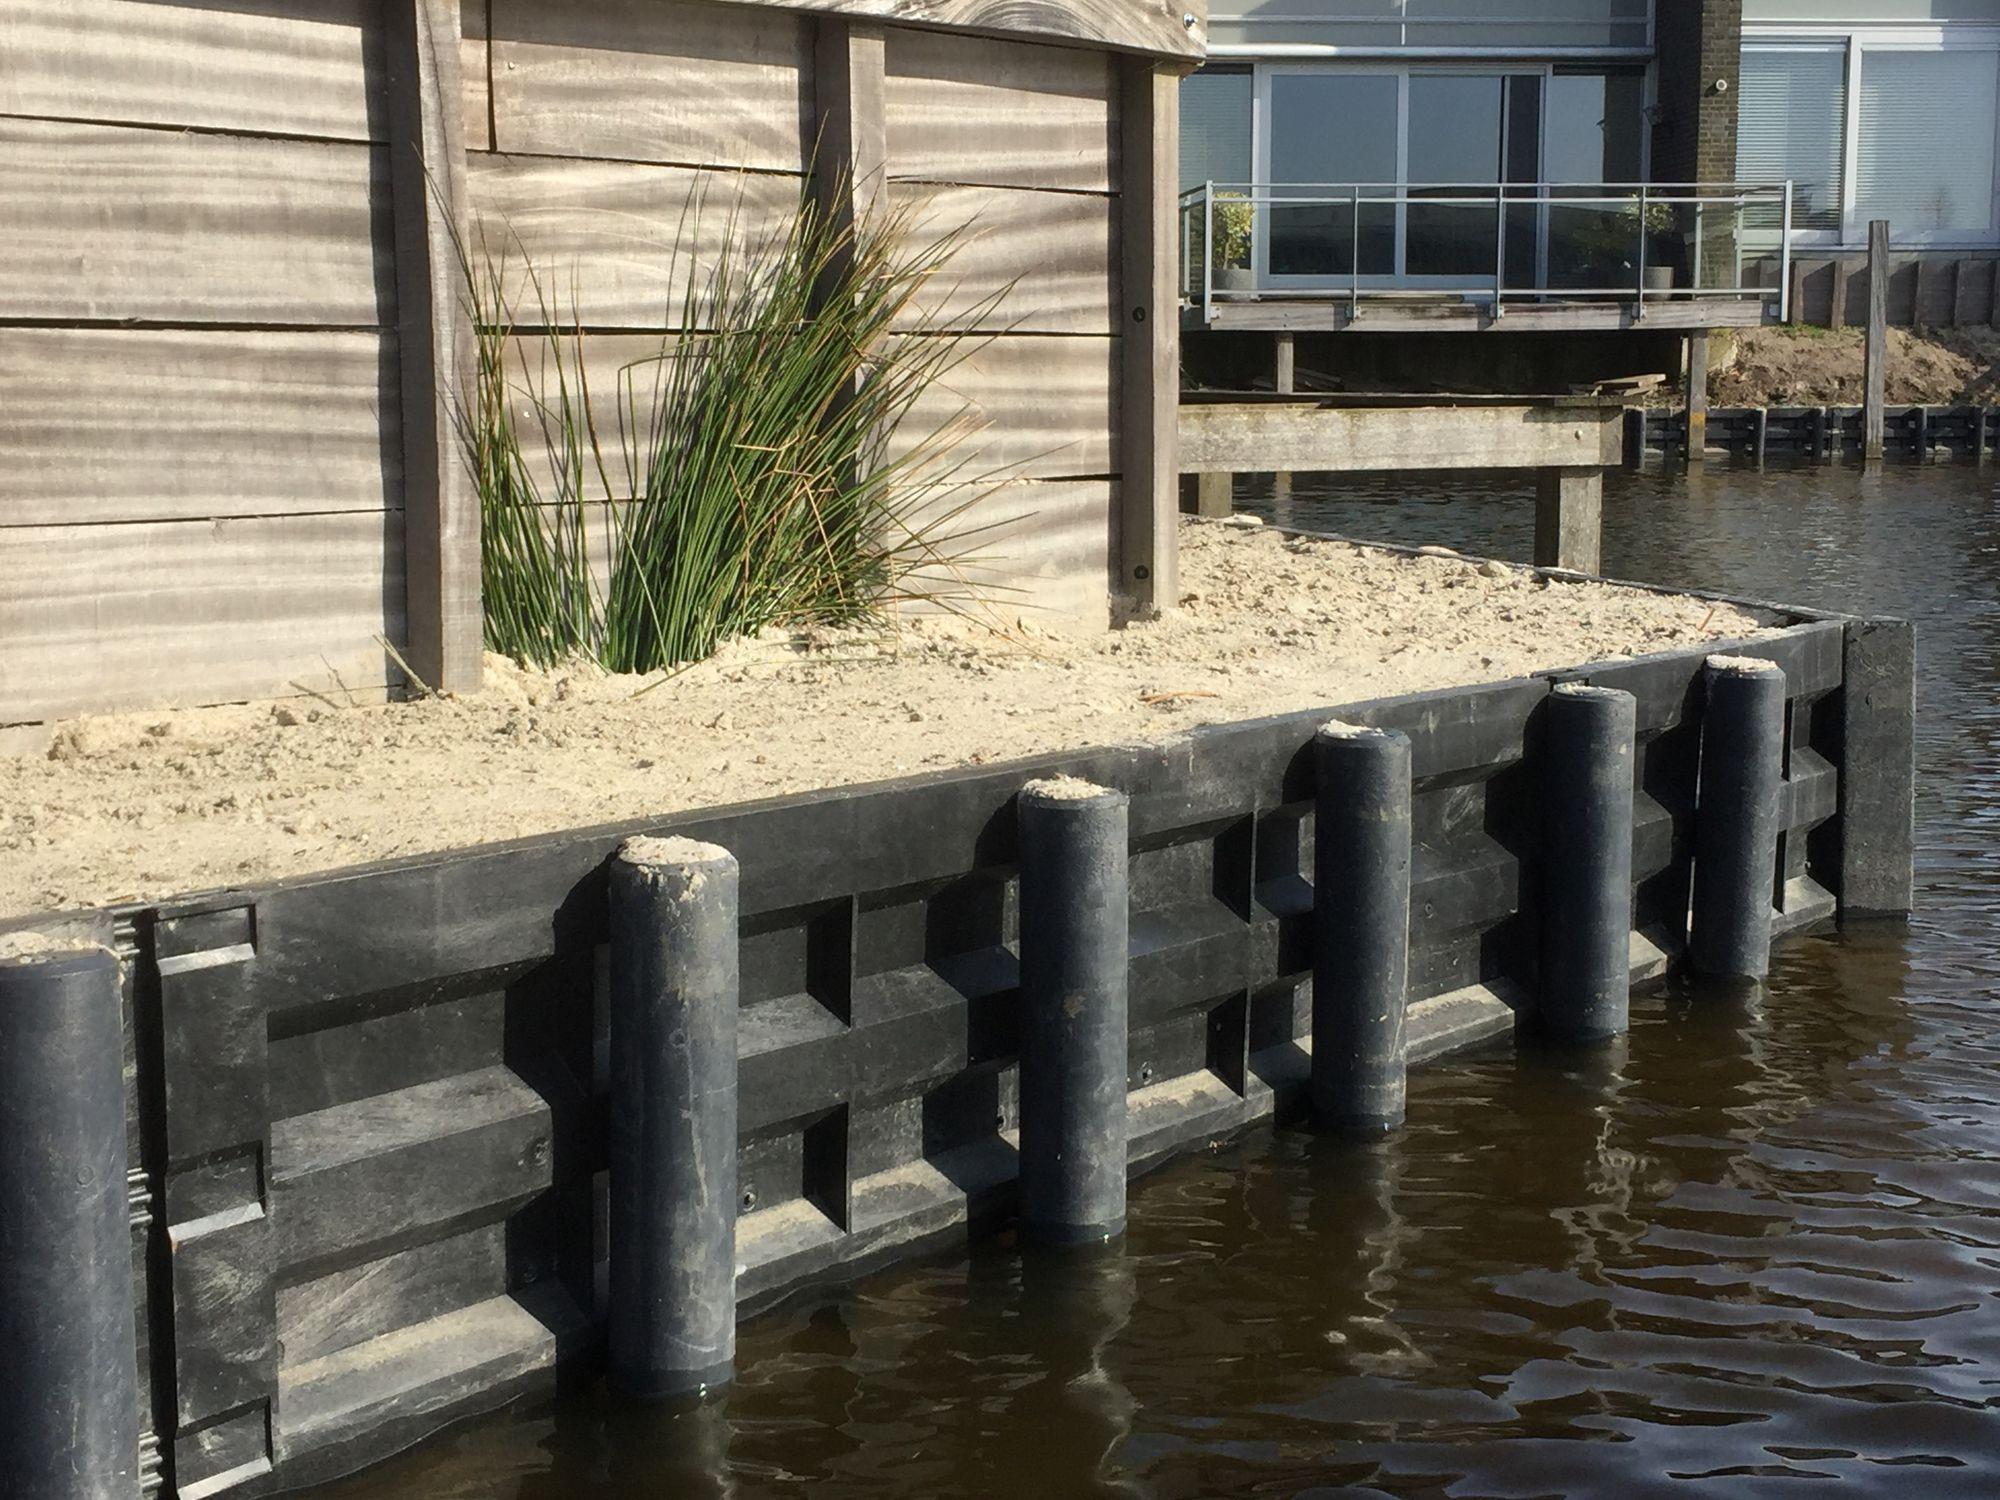 Steccato Giardino Plastica : Giardino decorativo pvc recinzione in plastica recinzione del